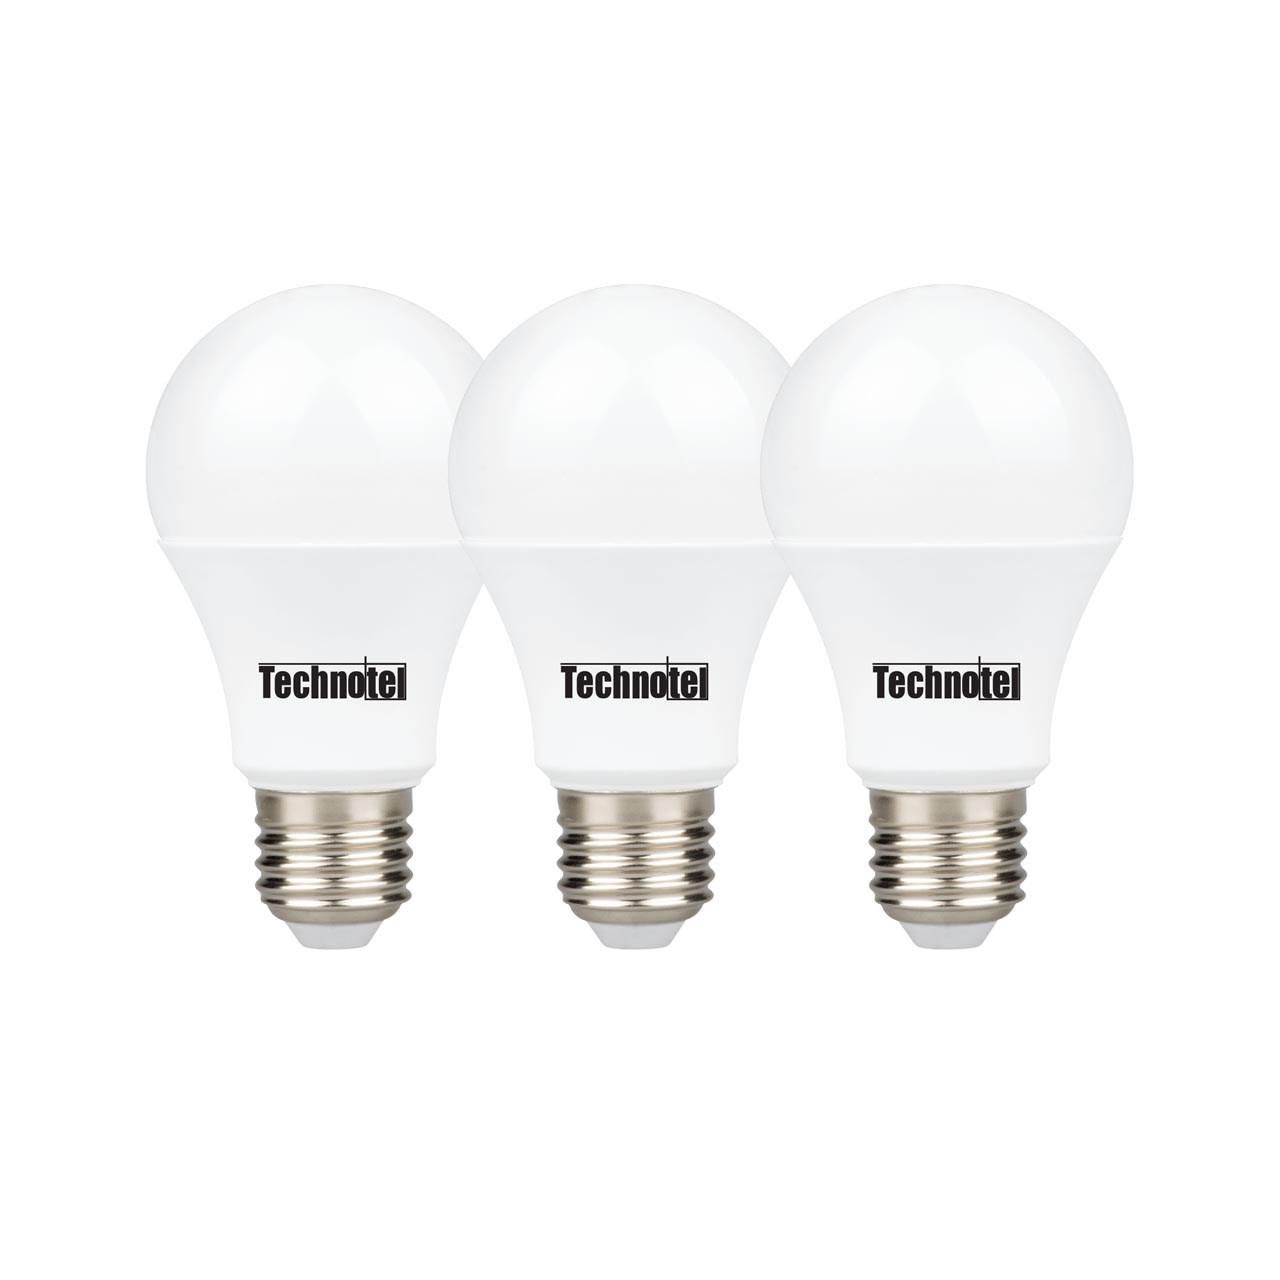 لامپ ال ای دی 9 وات تکنوتل مدل 309 پایه E27 بسته 3 عددی